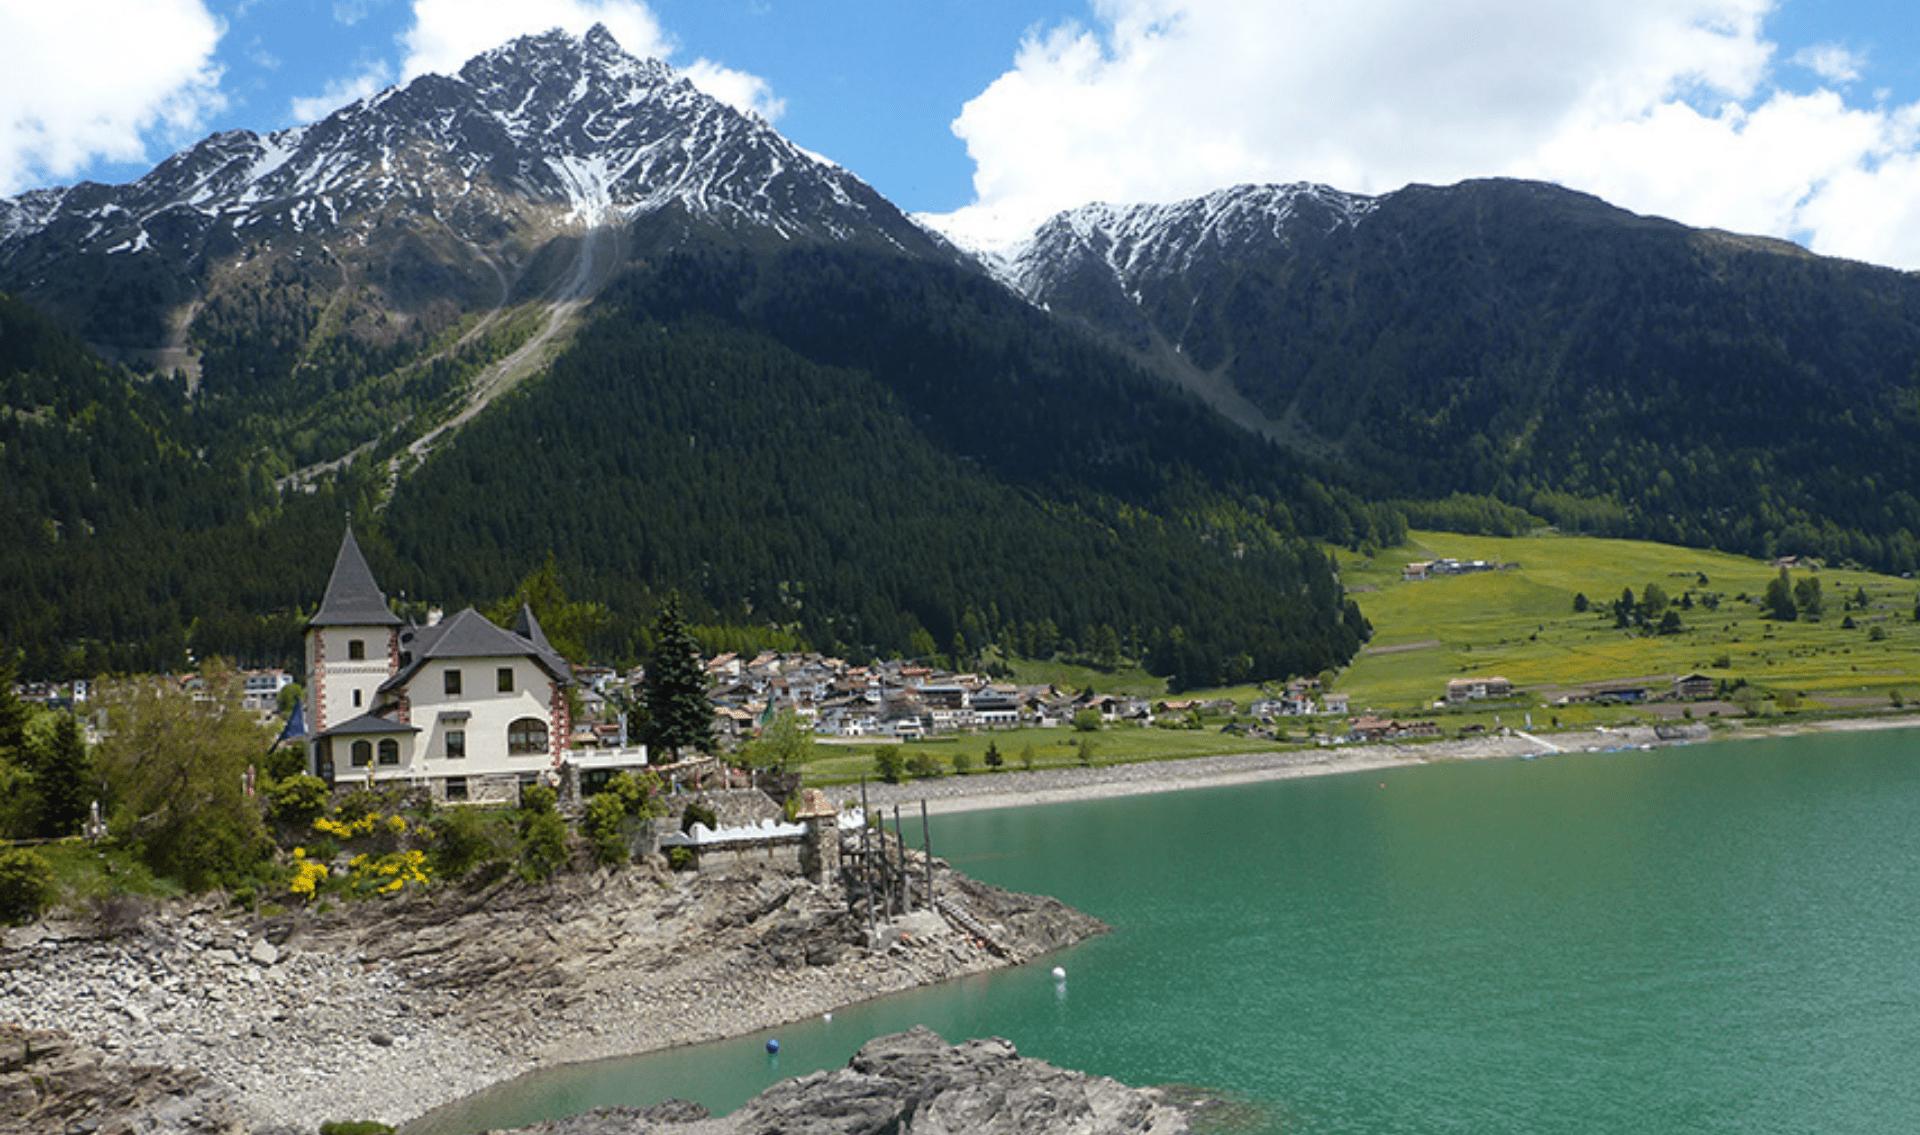 Fietsvakantie van Tirol tot Venetië